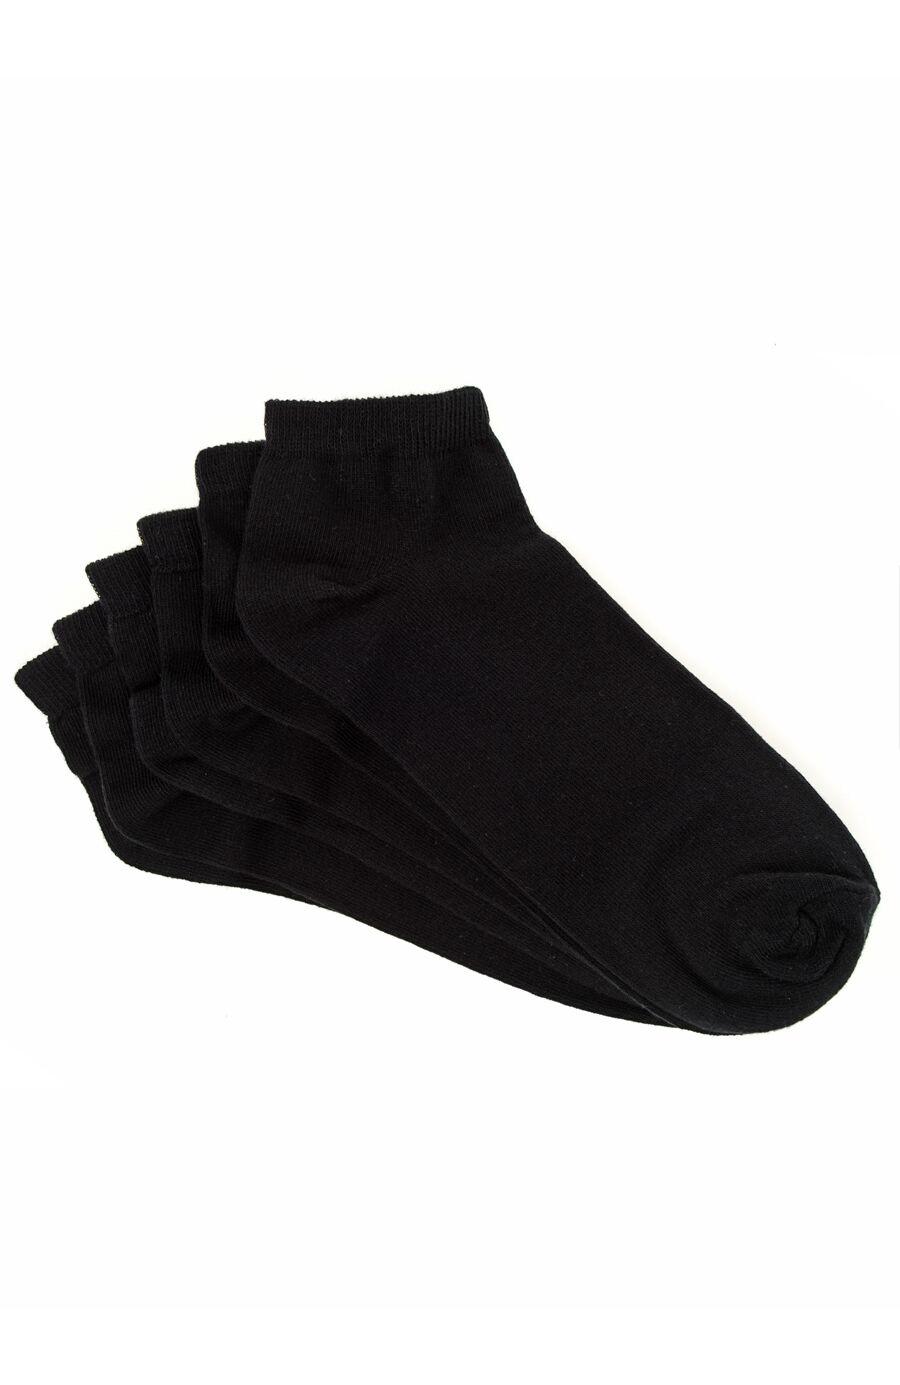 3'lü Siyah Patik Çorap